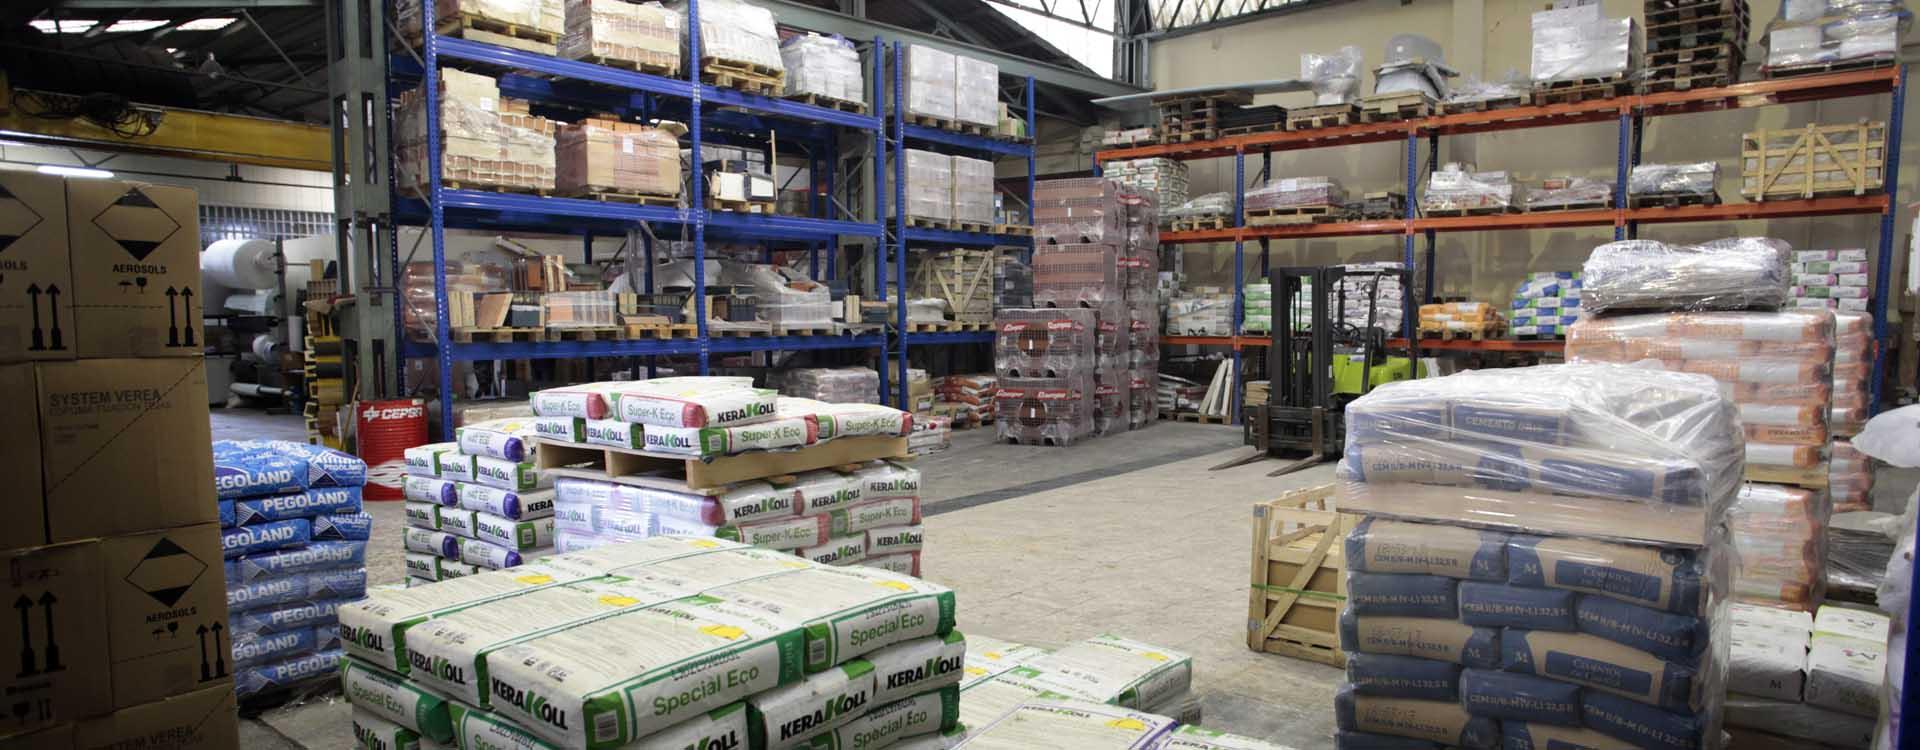 Corplama materiales de construcci n - Casas de materiales ...